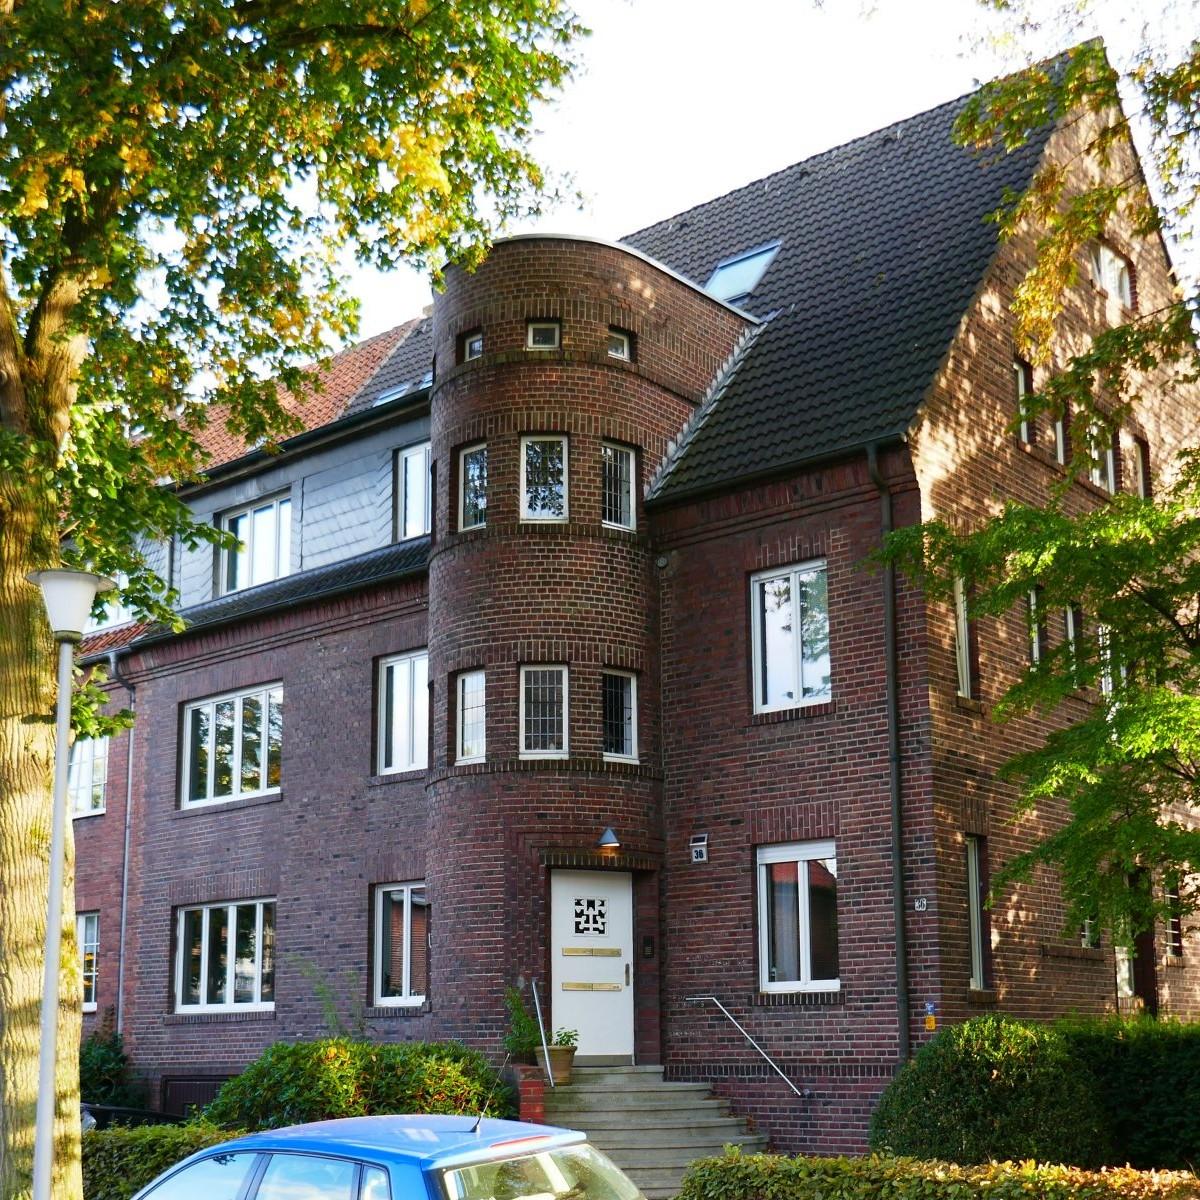 Benteler & Wörmann: Wohnhaus Mauritz-Lindenweg, Münster, vor 1935 Foto: Stefan Rethfeld